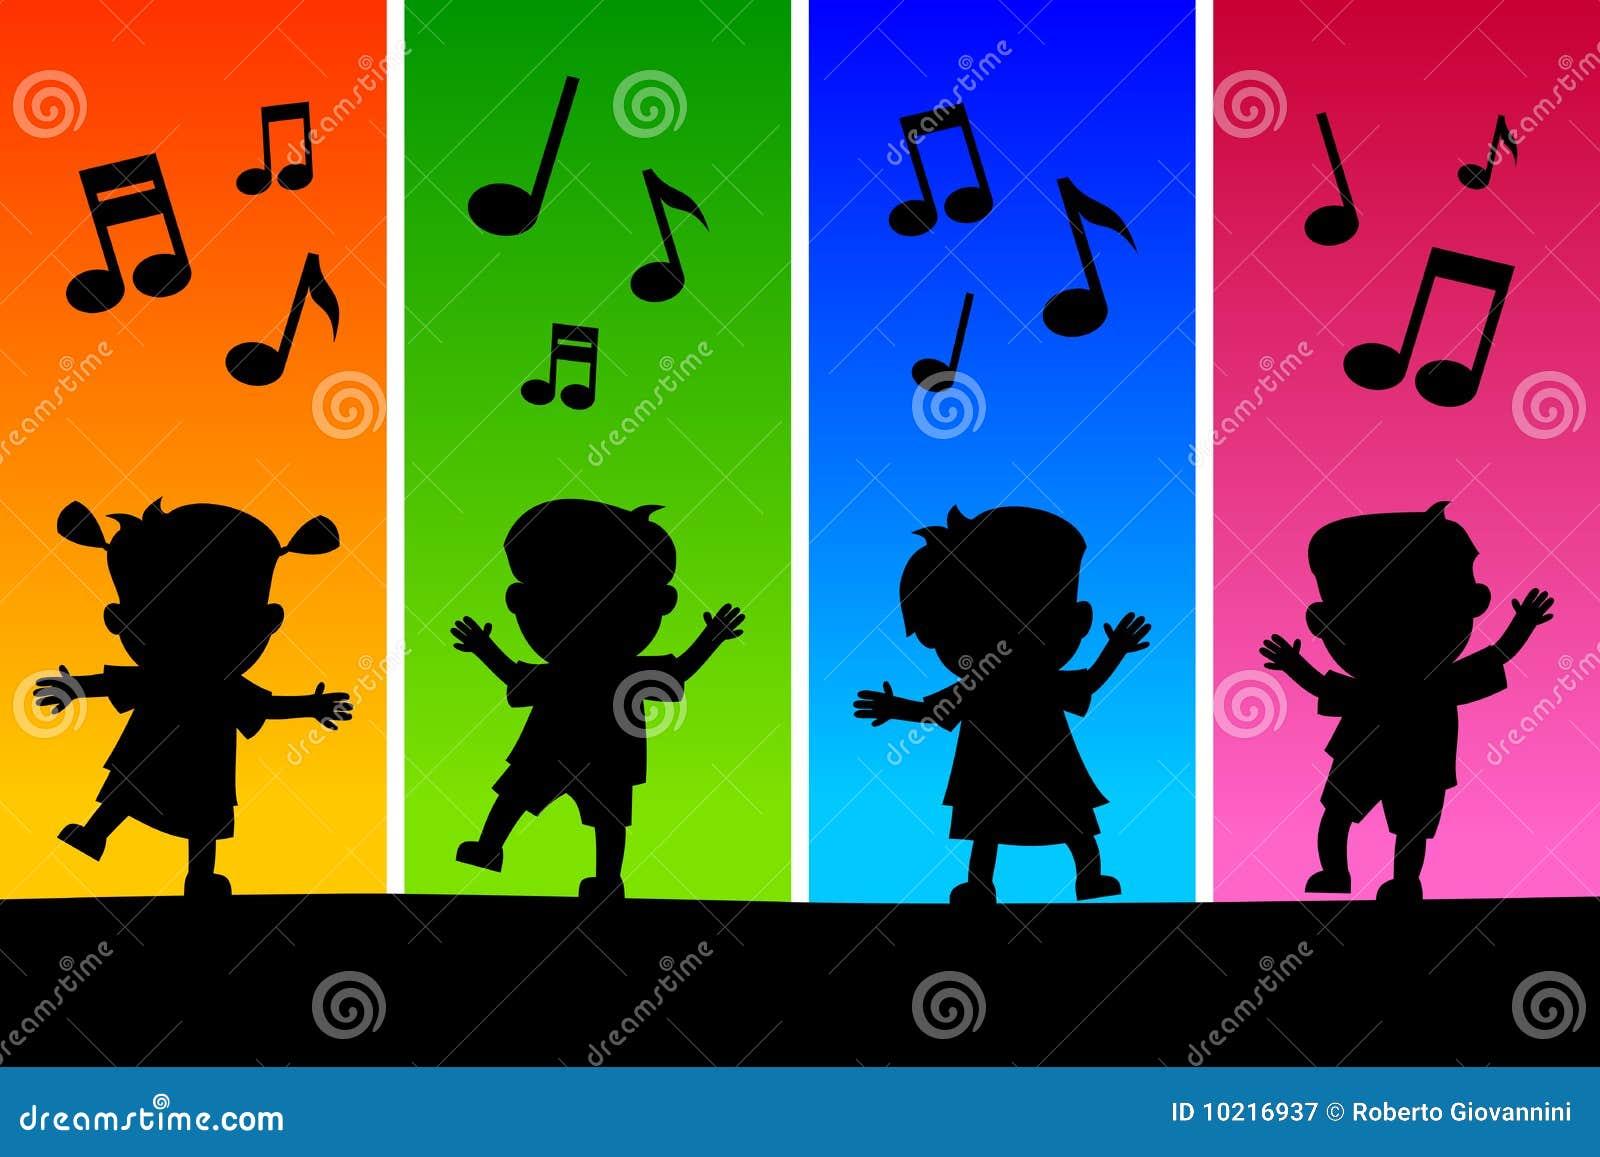 Kinder Die Schattenbilder Tanzen Vektor Abbildung